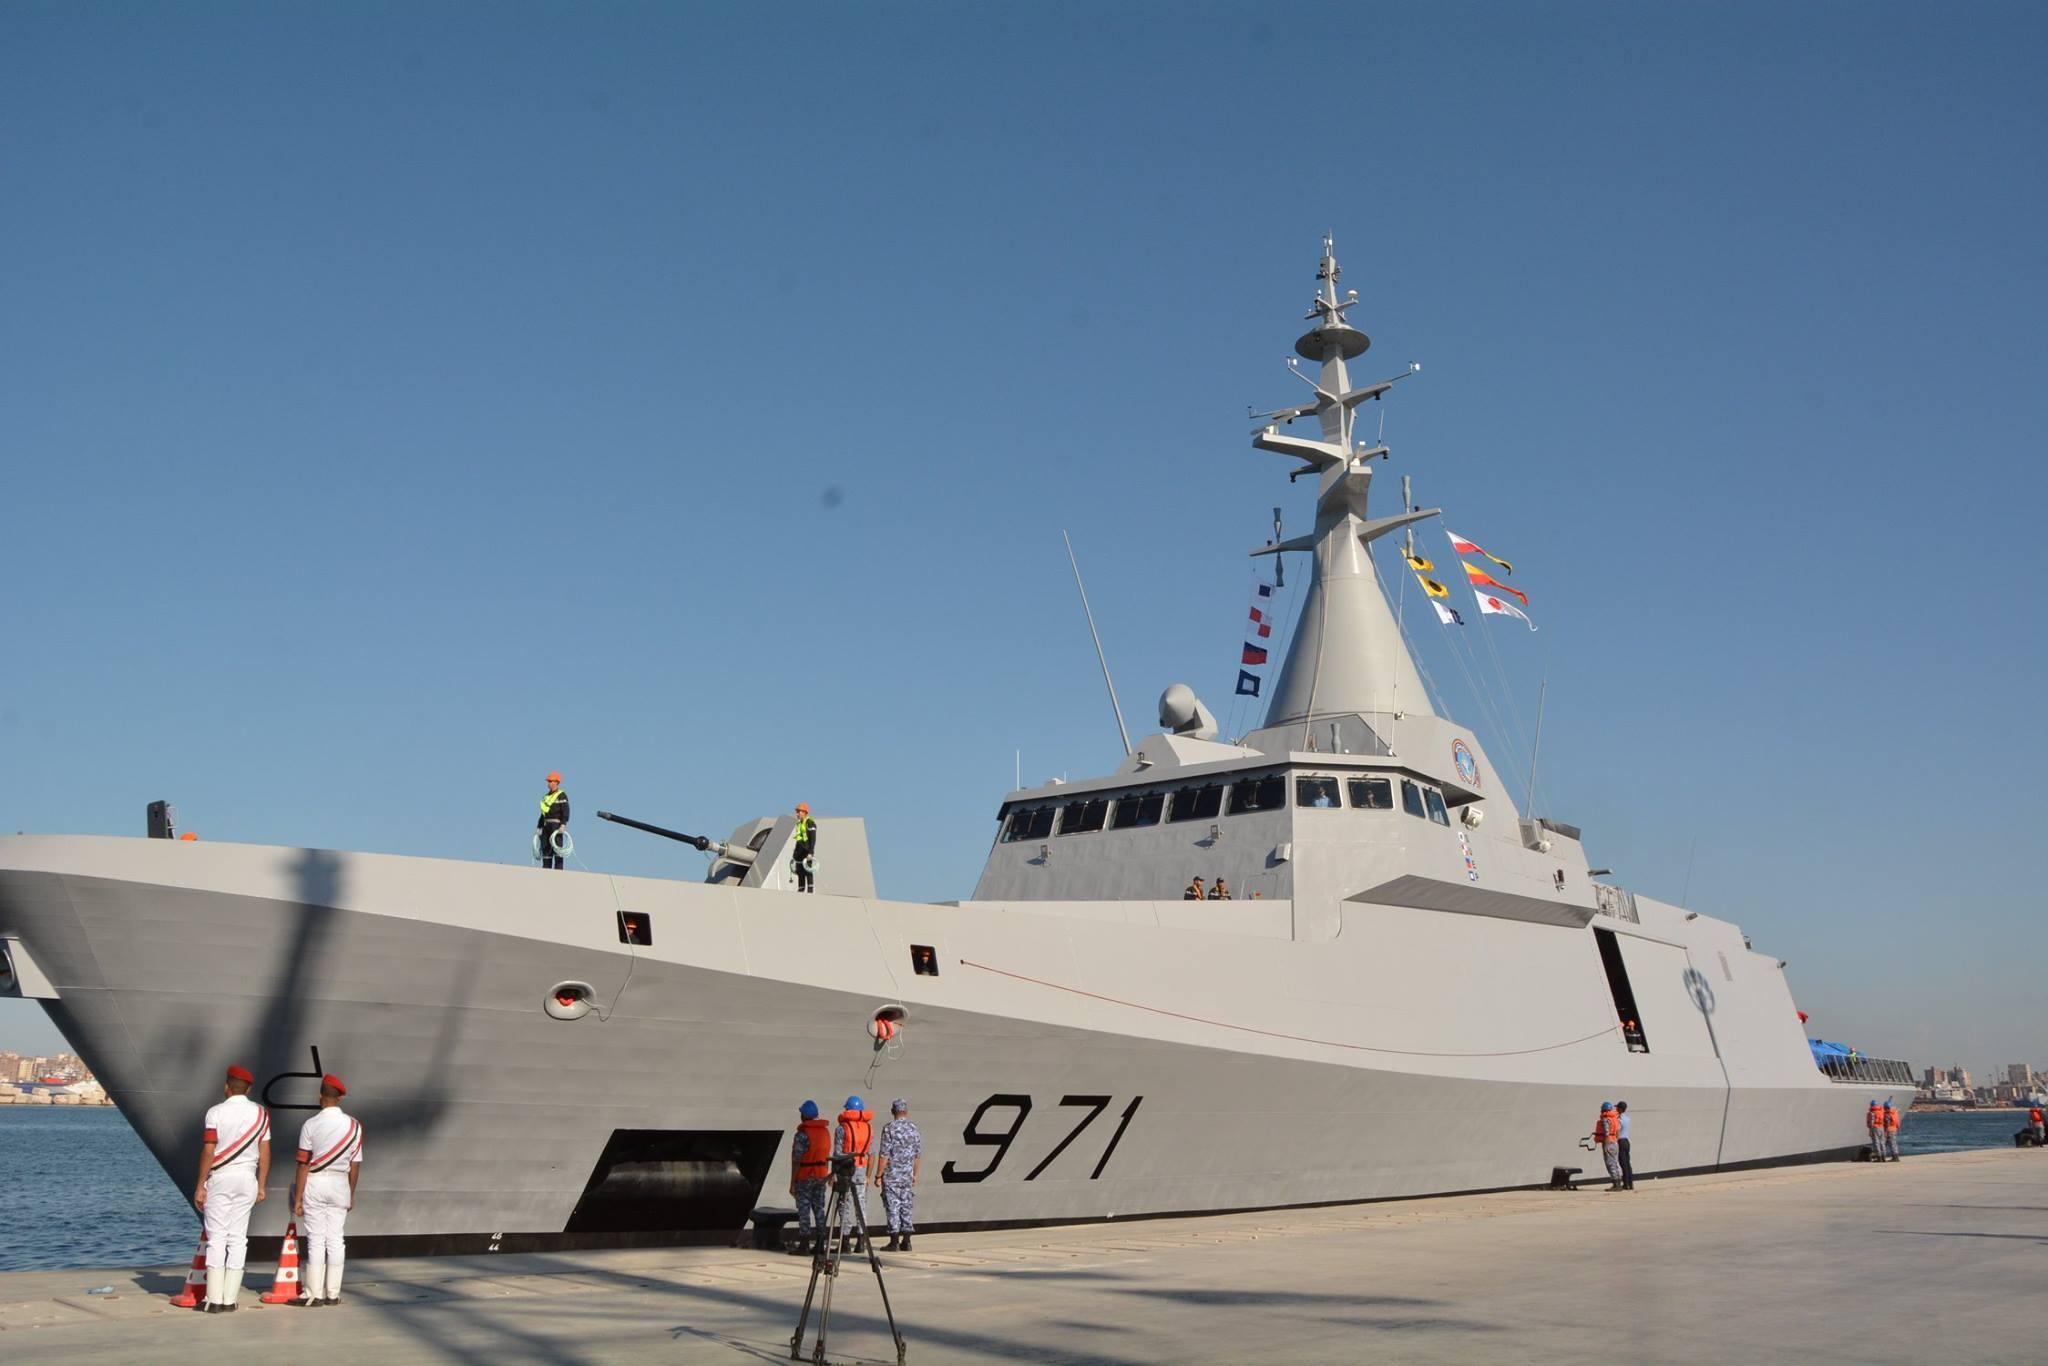 Головной построенный для ВМС Египта французским судостроительным объединением Naval Group (бывшее DCNS) корвет El Fatеh проекта Gowind 2500 после прибытия в Александрию, 18.10.2017.